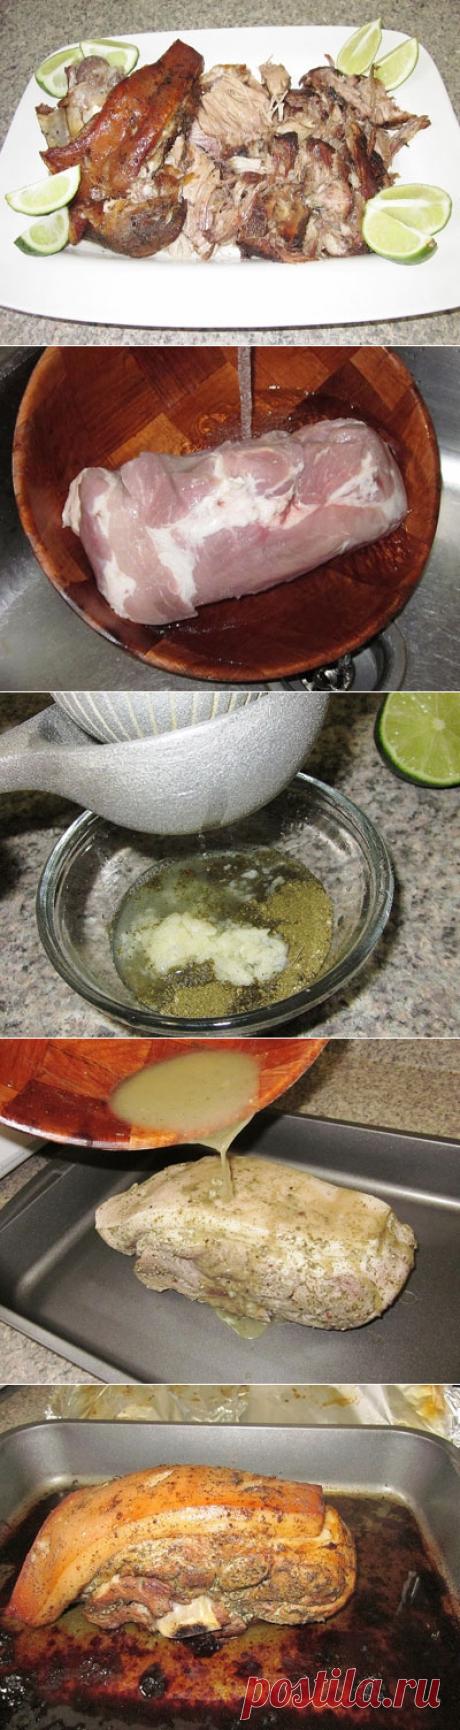 Свиной окорок в маринаде / Блюда из свинины / TVCook: пошаговые рецепты с фото